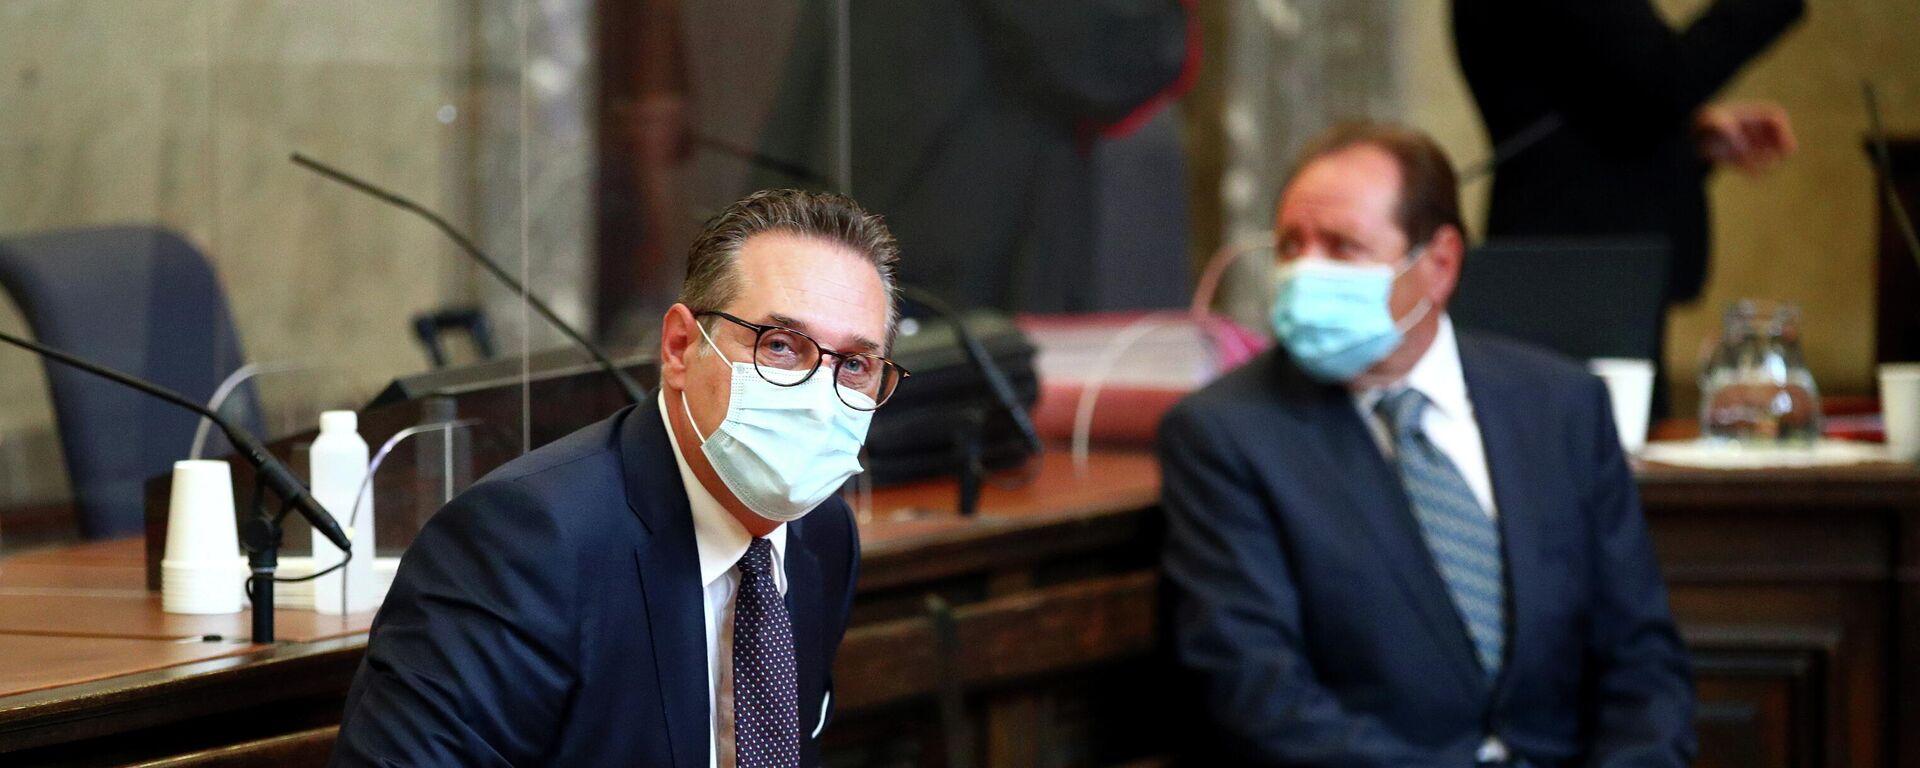 Österreichs ehemaliger Vizekanzler Heinz-Christian Strache wartet am 6. Juli 2021 in einem Gerichtssaal in Wien auf den Beginn eines Prozesses. - SNA, 1920, 06.07.2021